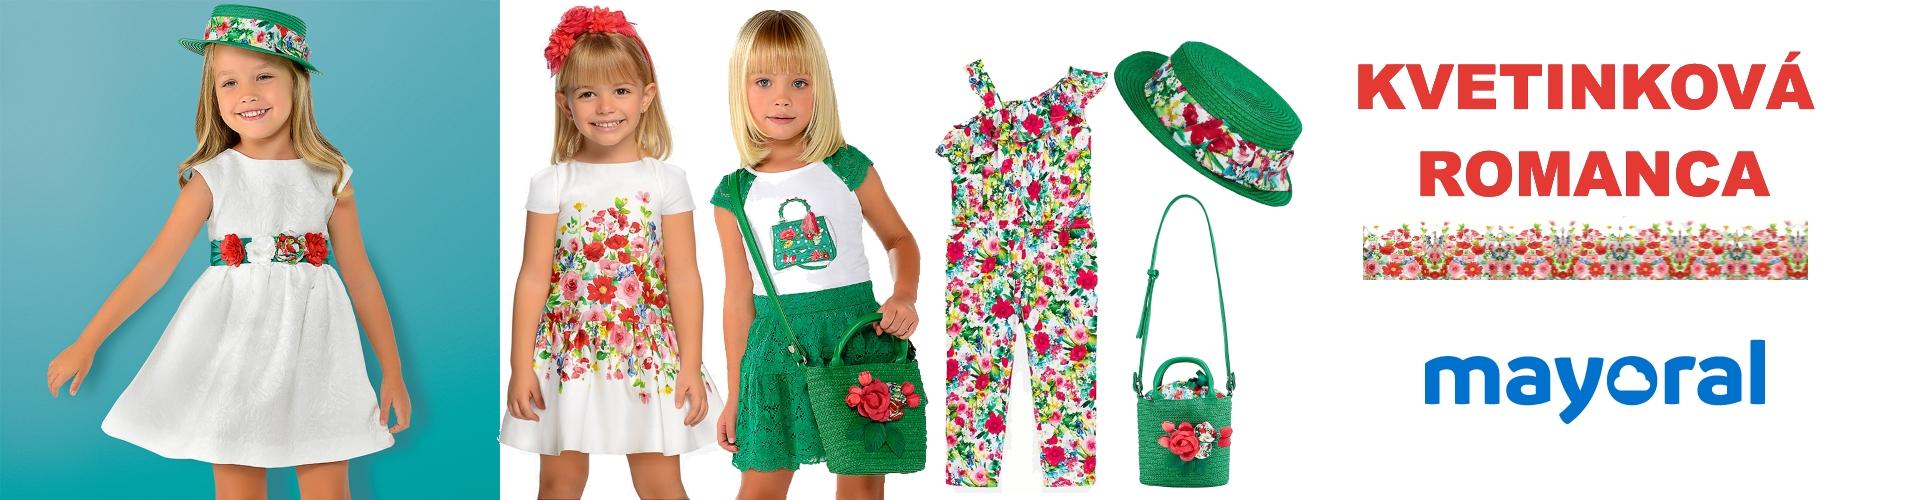 e7e63d90416d Mayoral - štýlové detské oblečenie